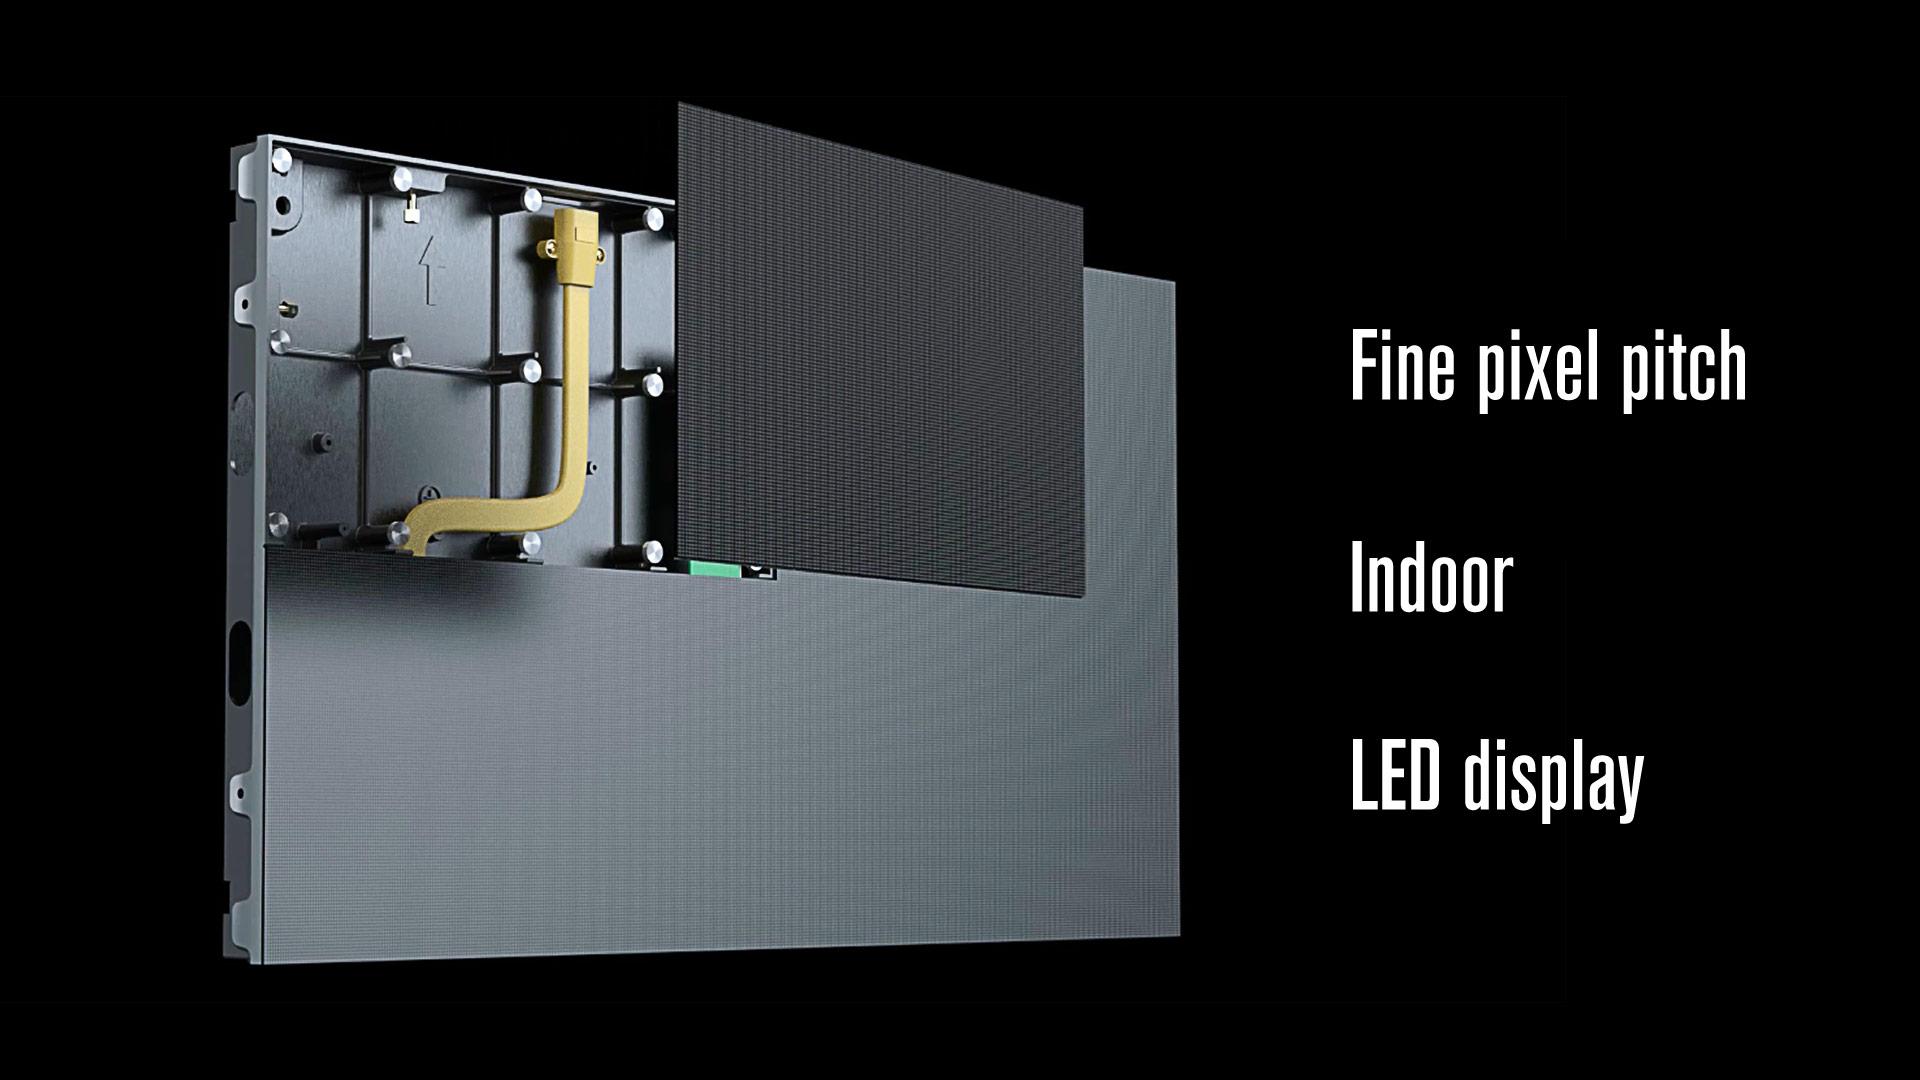 高品質のファインピクセルピッチ屋内LEDディスプレイ